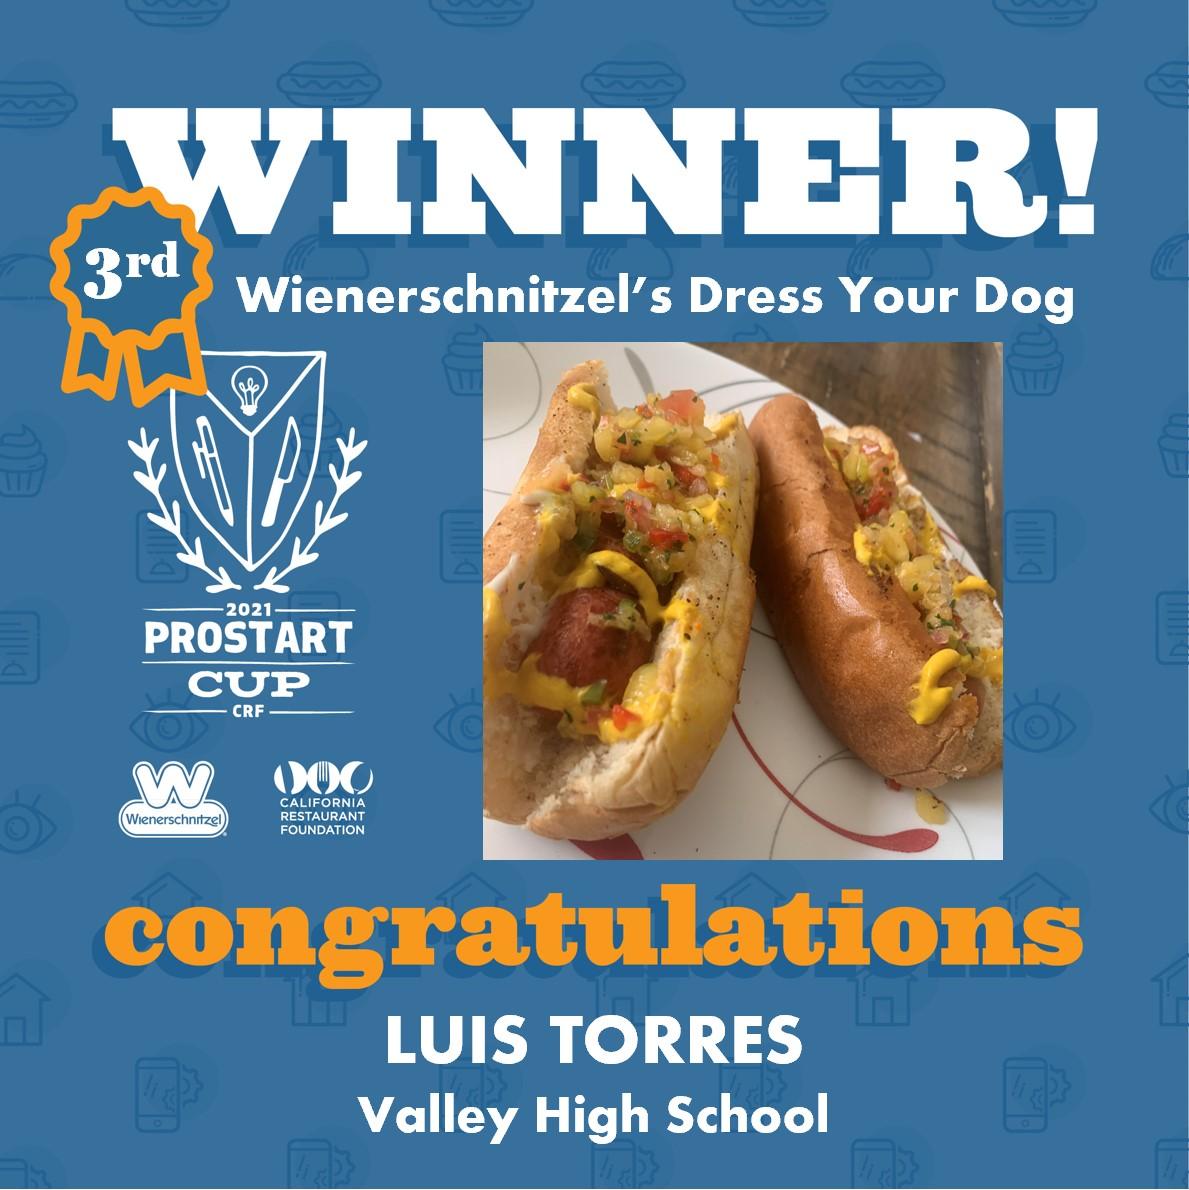 2021 ProStart Winner - Hot dog - 3rd Place